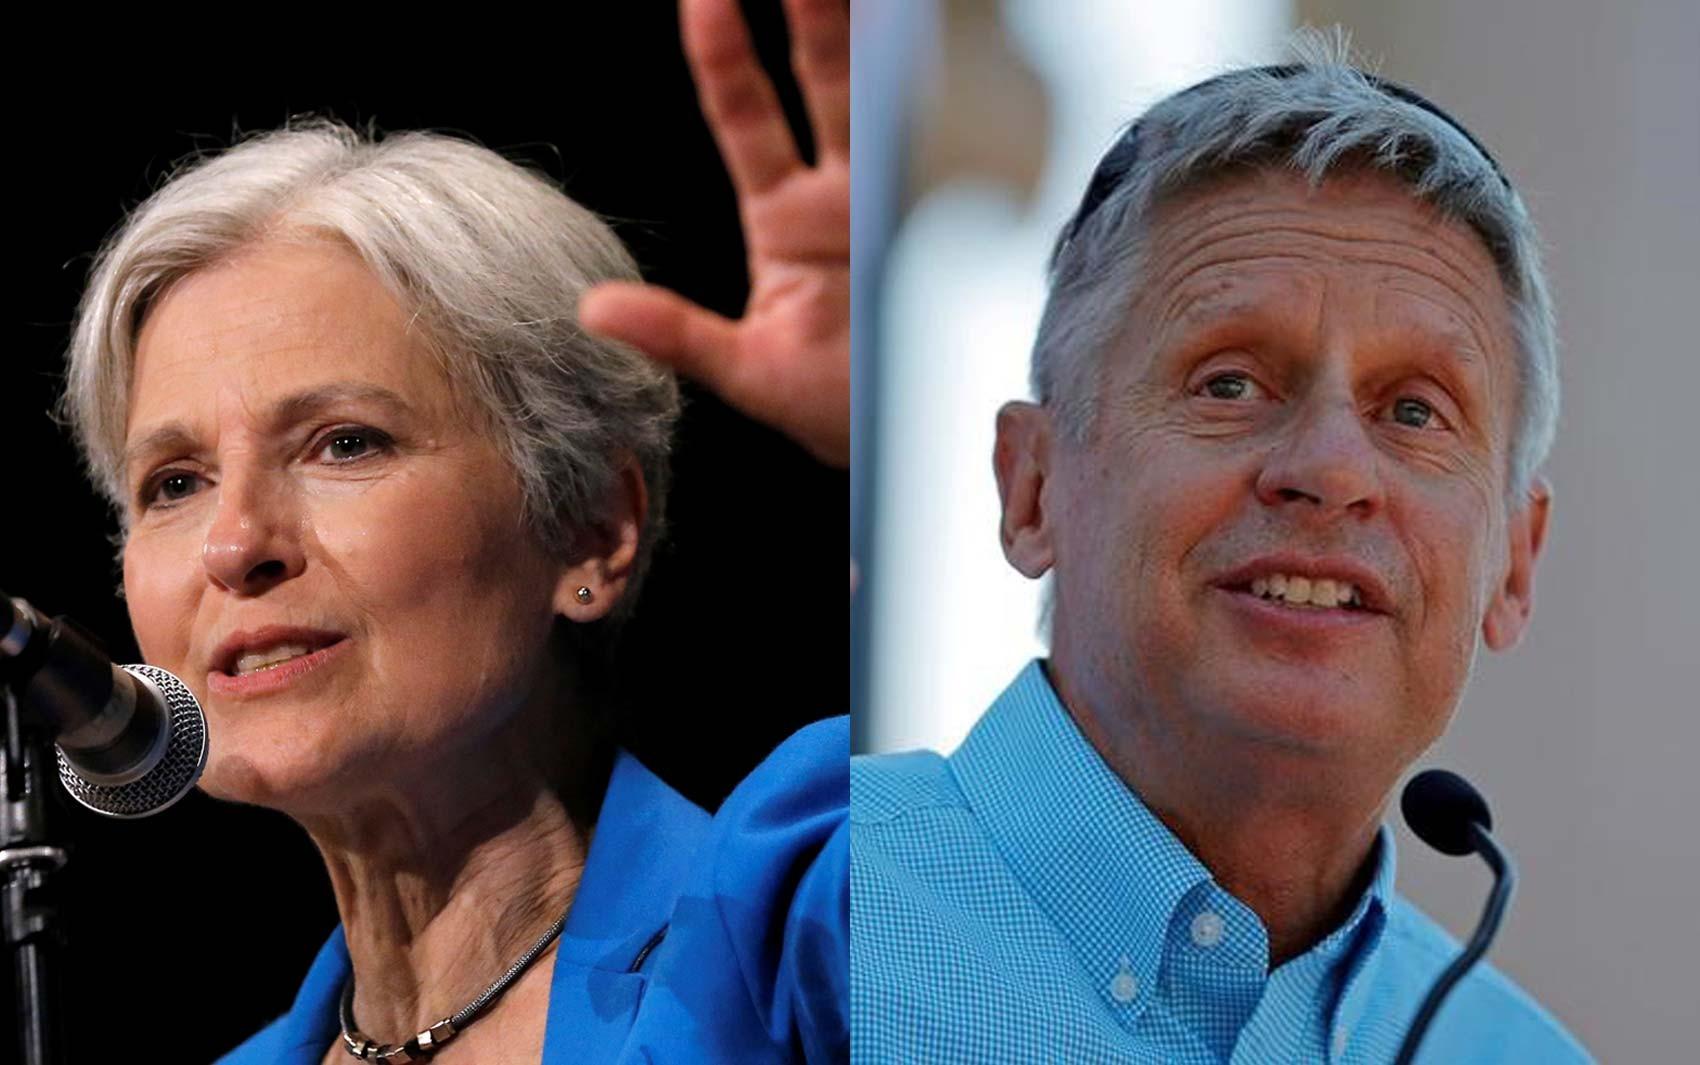 Os candidatos às eleições presidenciais nos EUA Jill Stein, pelo Partido Verde, e Gary Johnson, pelo Partido Libertário, em imagens de arquivo (Foto: REUTERS/Jim Young/ Brian Snyder)